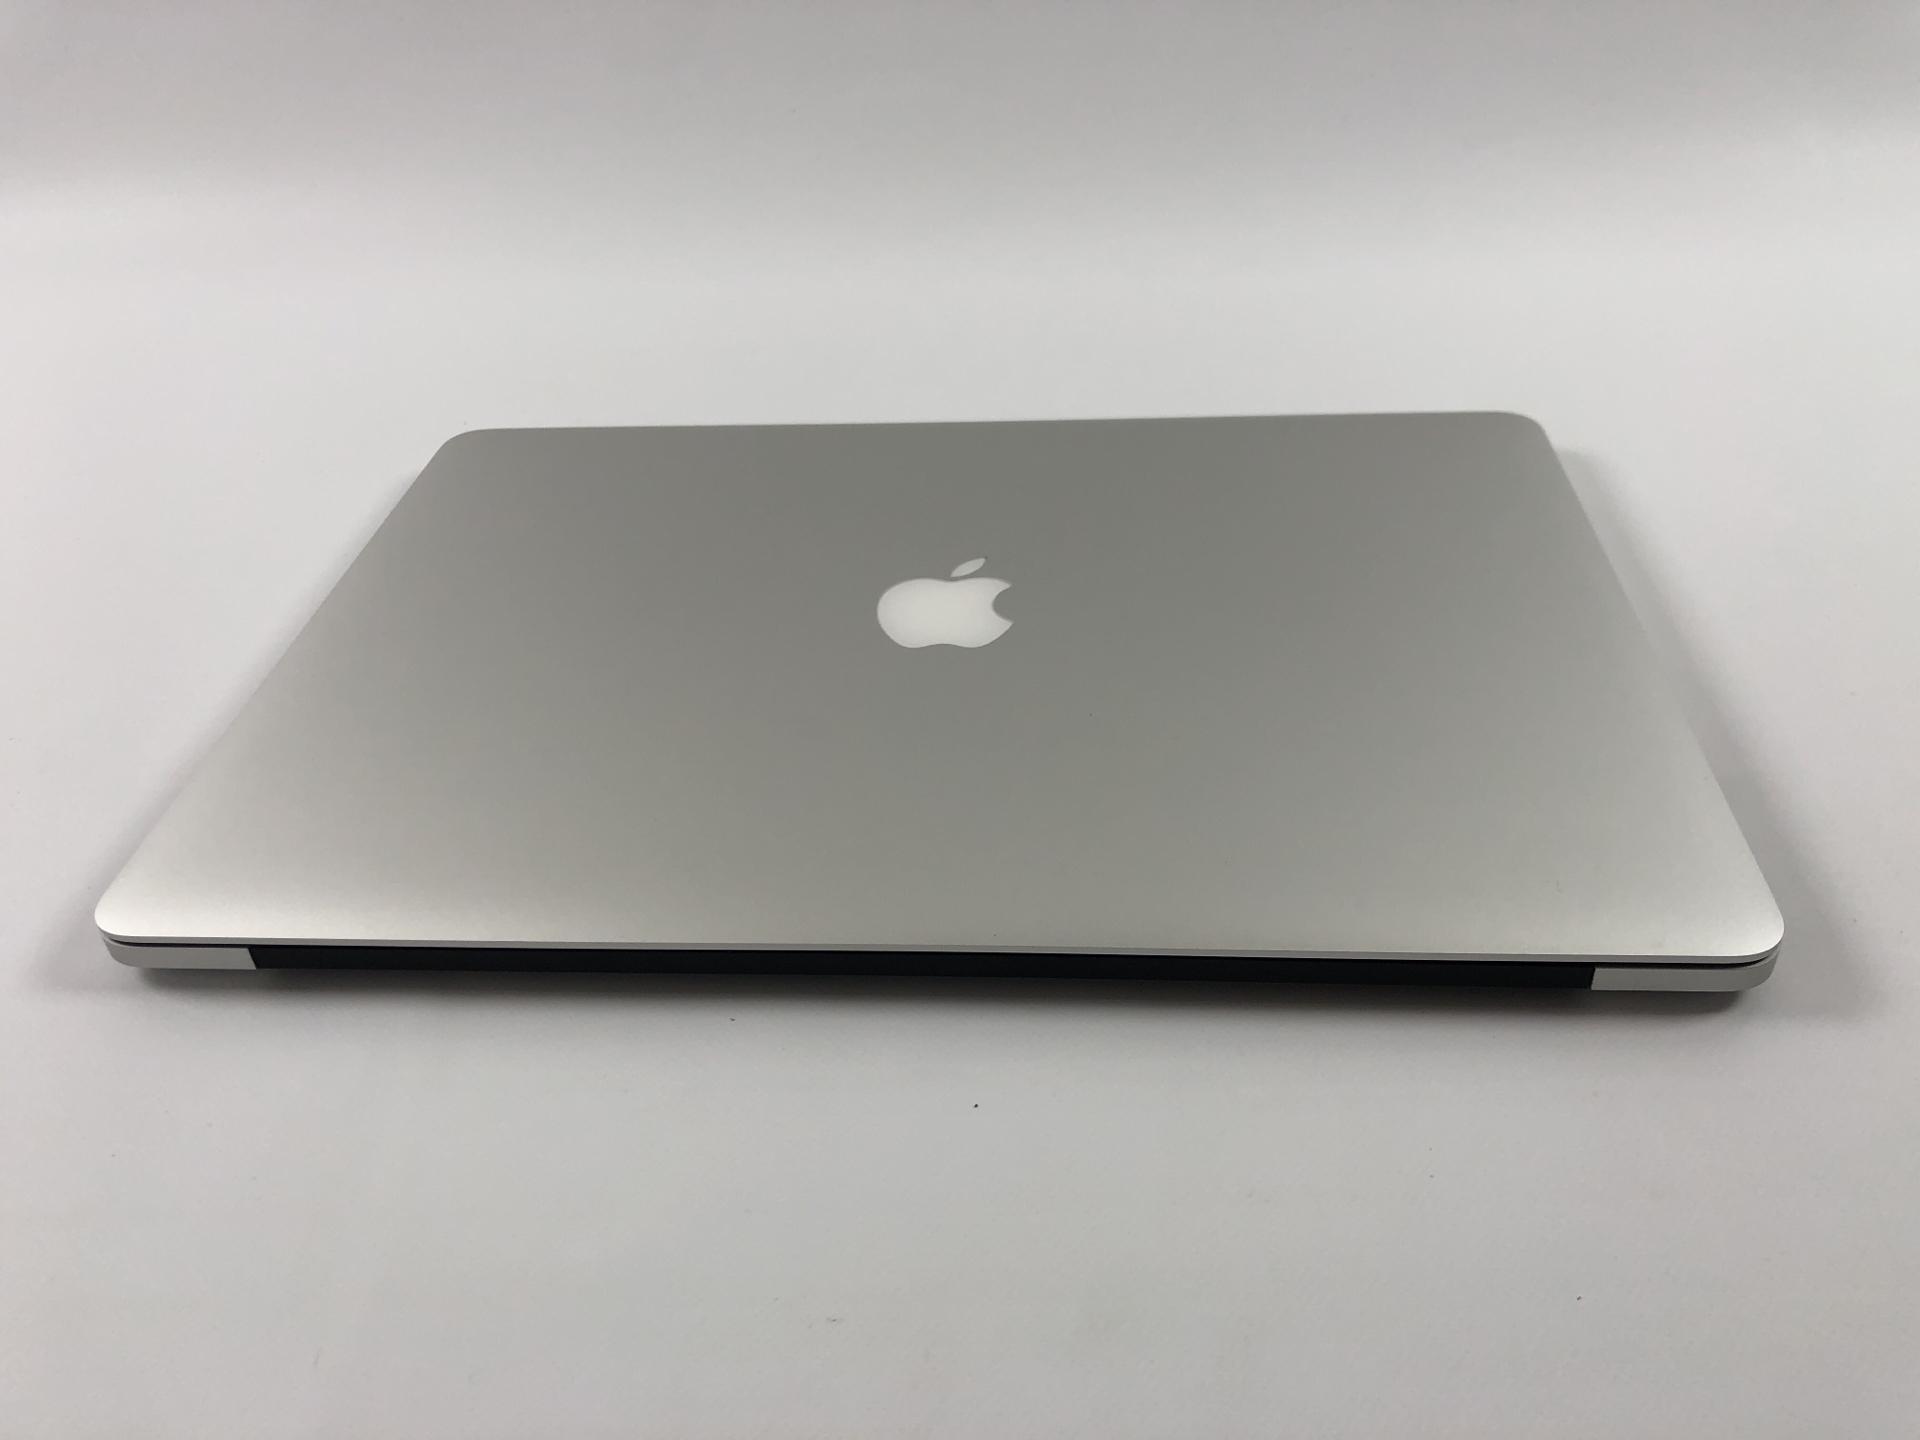 """MacBook Pro Retina 15"""" Mid 2014 (Intel Quad-Core i7 2.5 GHz 16 GB RAM 256 GB SSD), Intel Quad-Core i7 2.5 GHz, 16 GB RAM, 256 GB SSD, Kuva 2"""